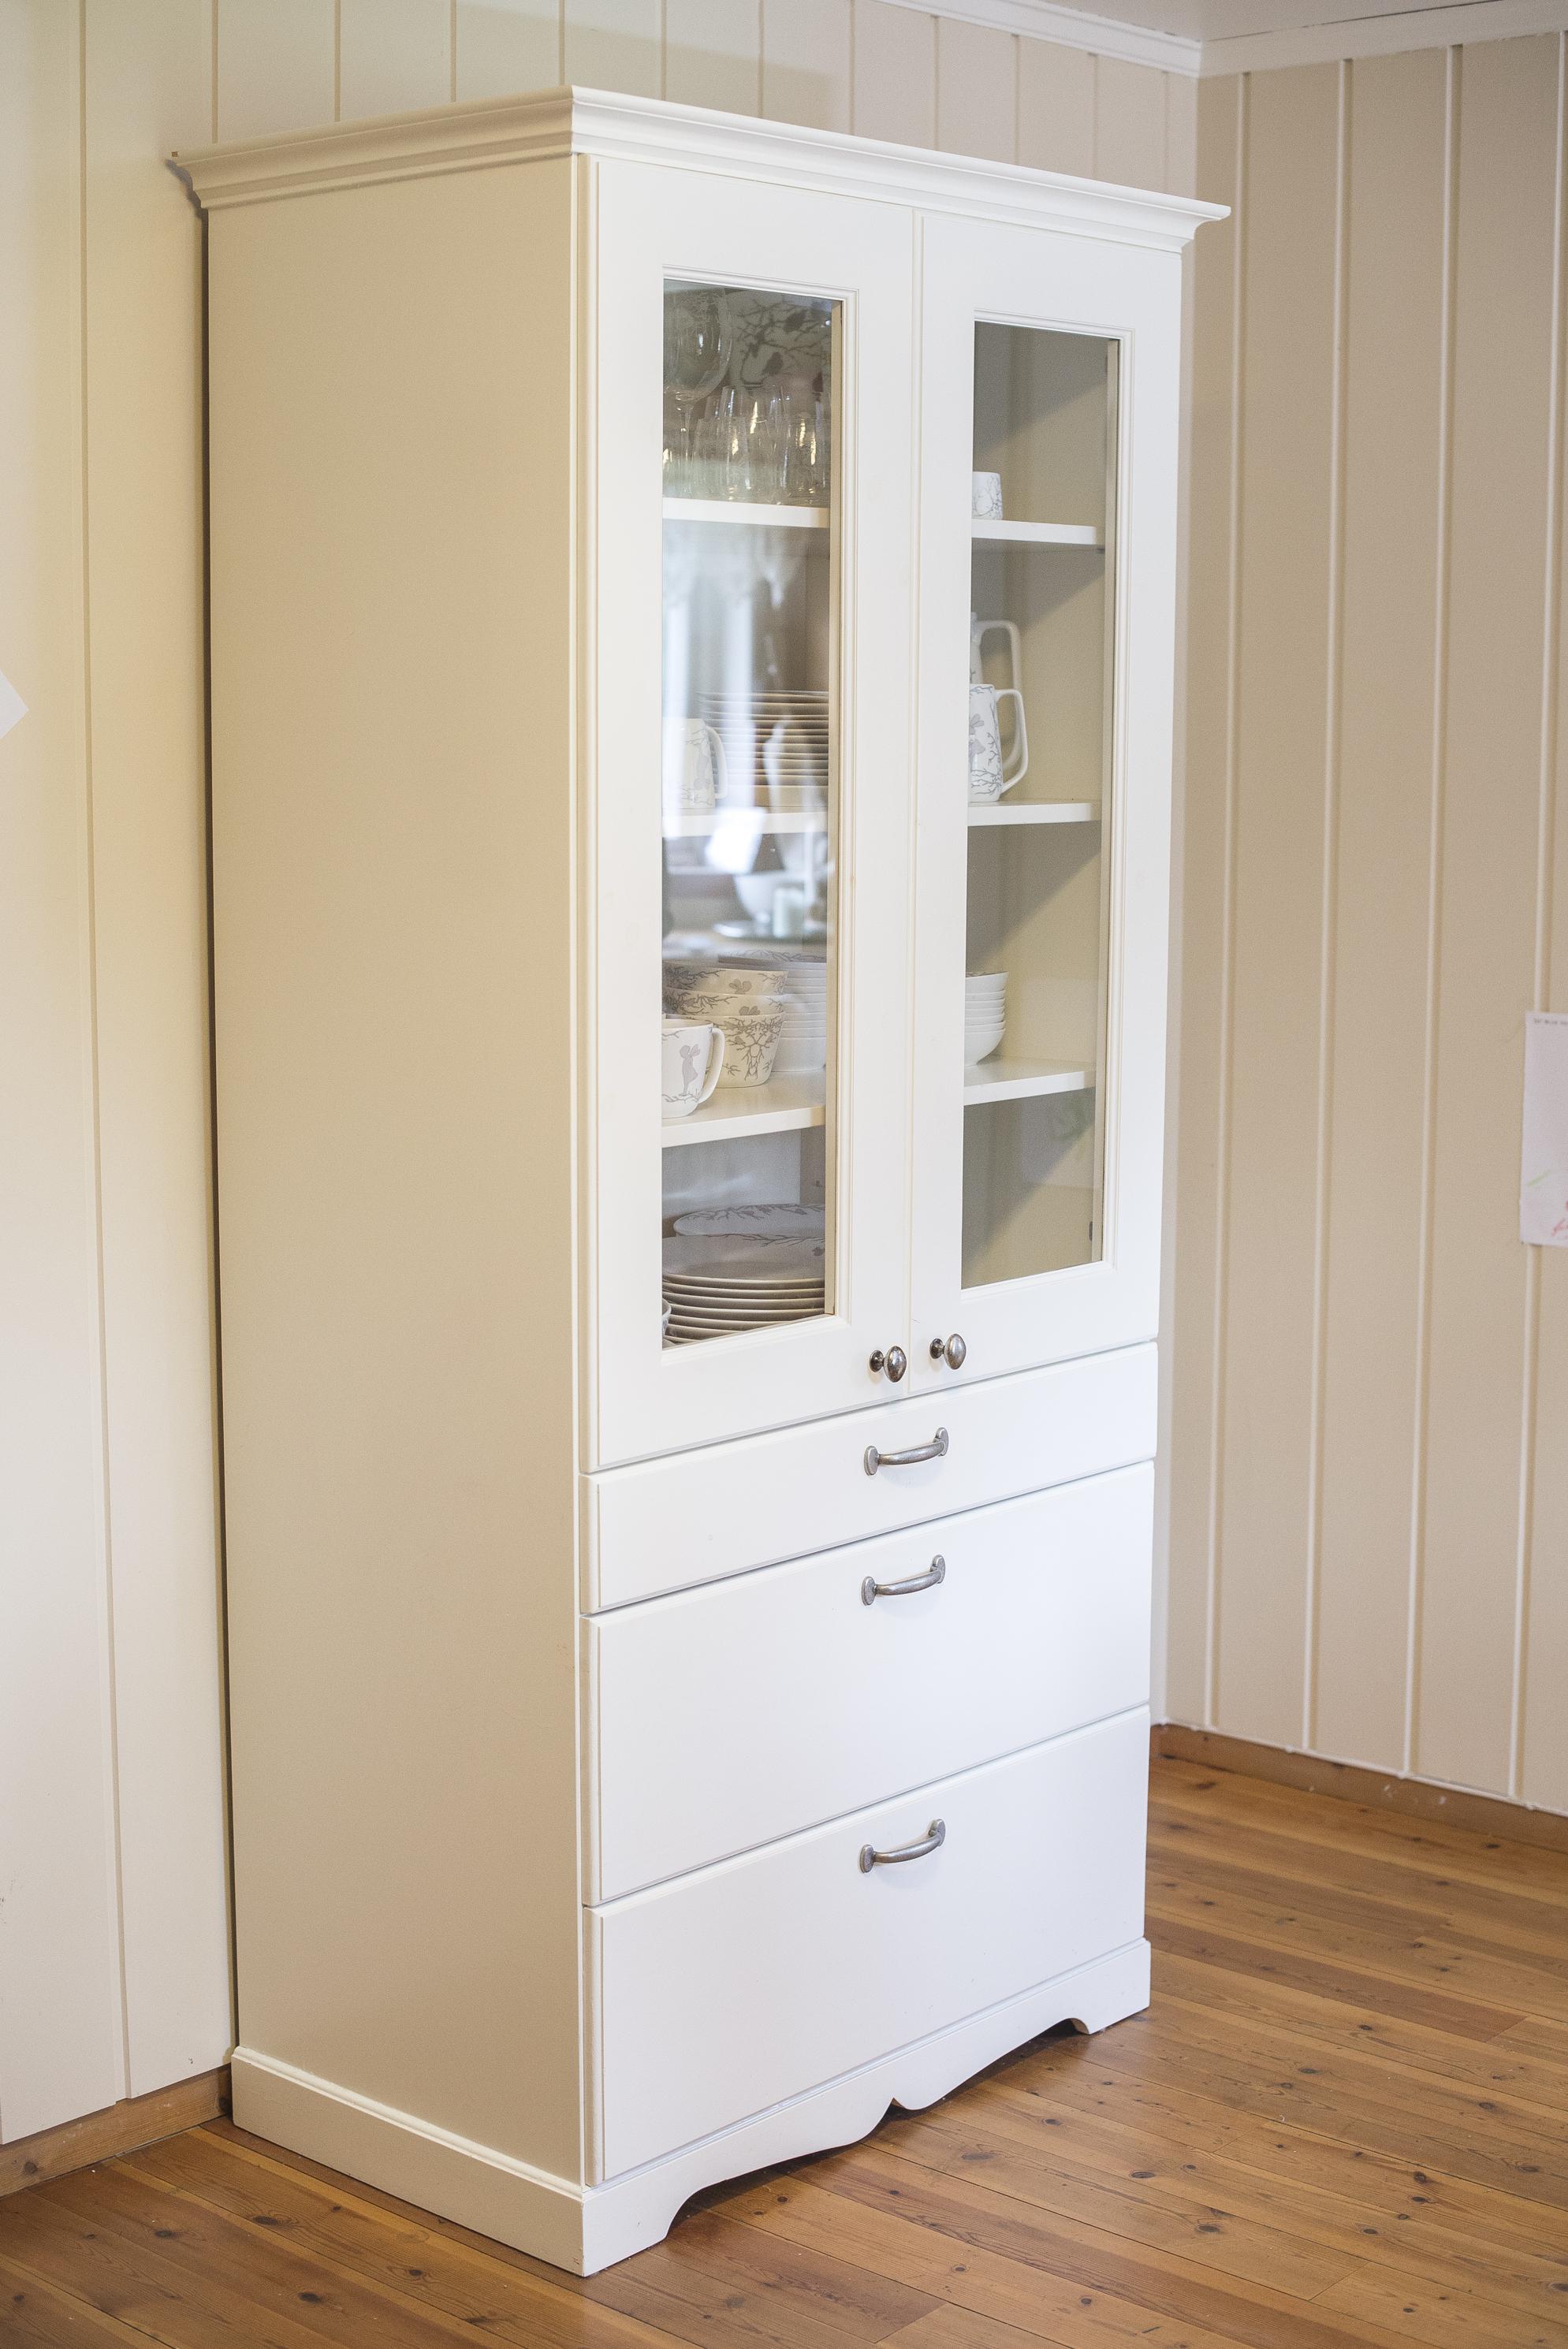 Skap til kjøkkenet i tidløs hvitfarge. Elegante profileringer som gir et flott uttrykk.